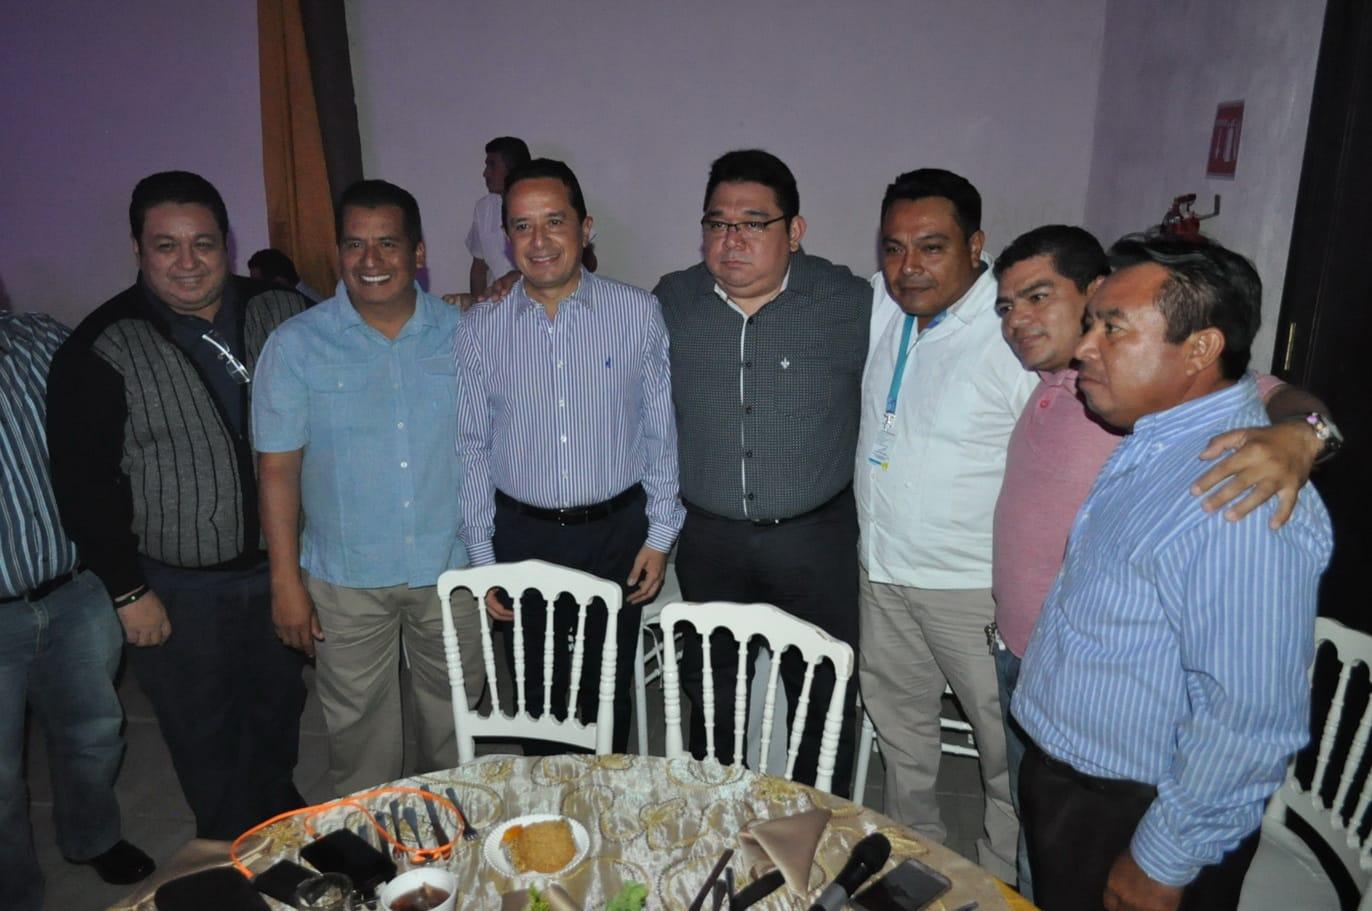 El gobernador del Estado posa con Armando Batun Director del Punto sobre la i, y amigos que lo acompañan